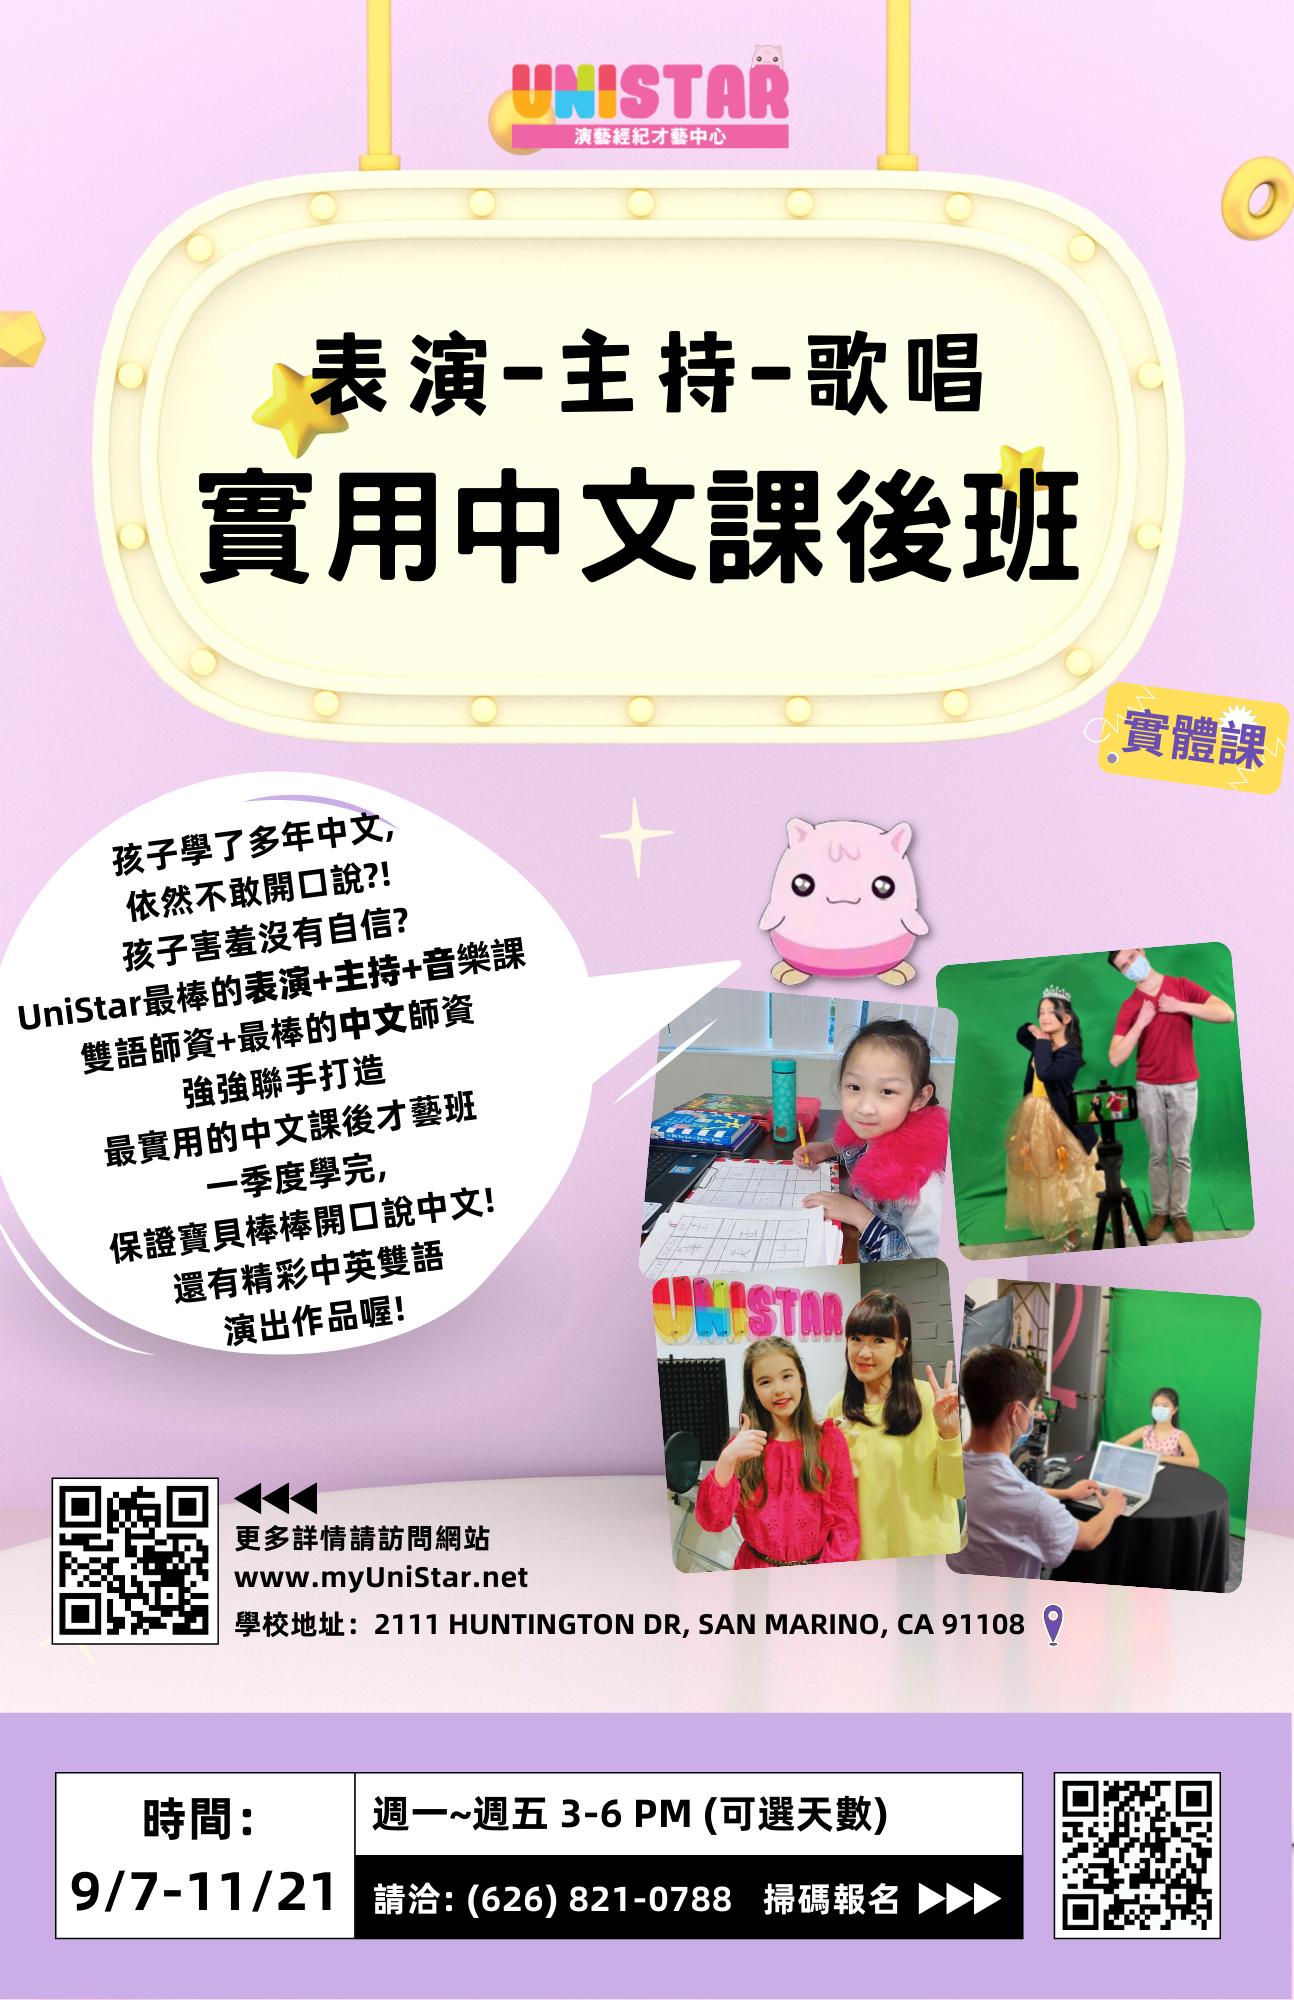 ⭐UniStar最實用最有趣的中文課後班9/7要開課啦!「表演課」「主持課」「音樂課」雙語師資+最棒的中文師資,強強聯手打造最實用的中文課後才藝班!